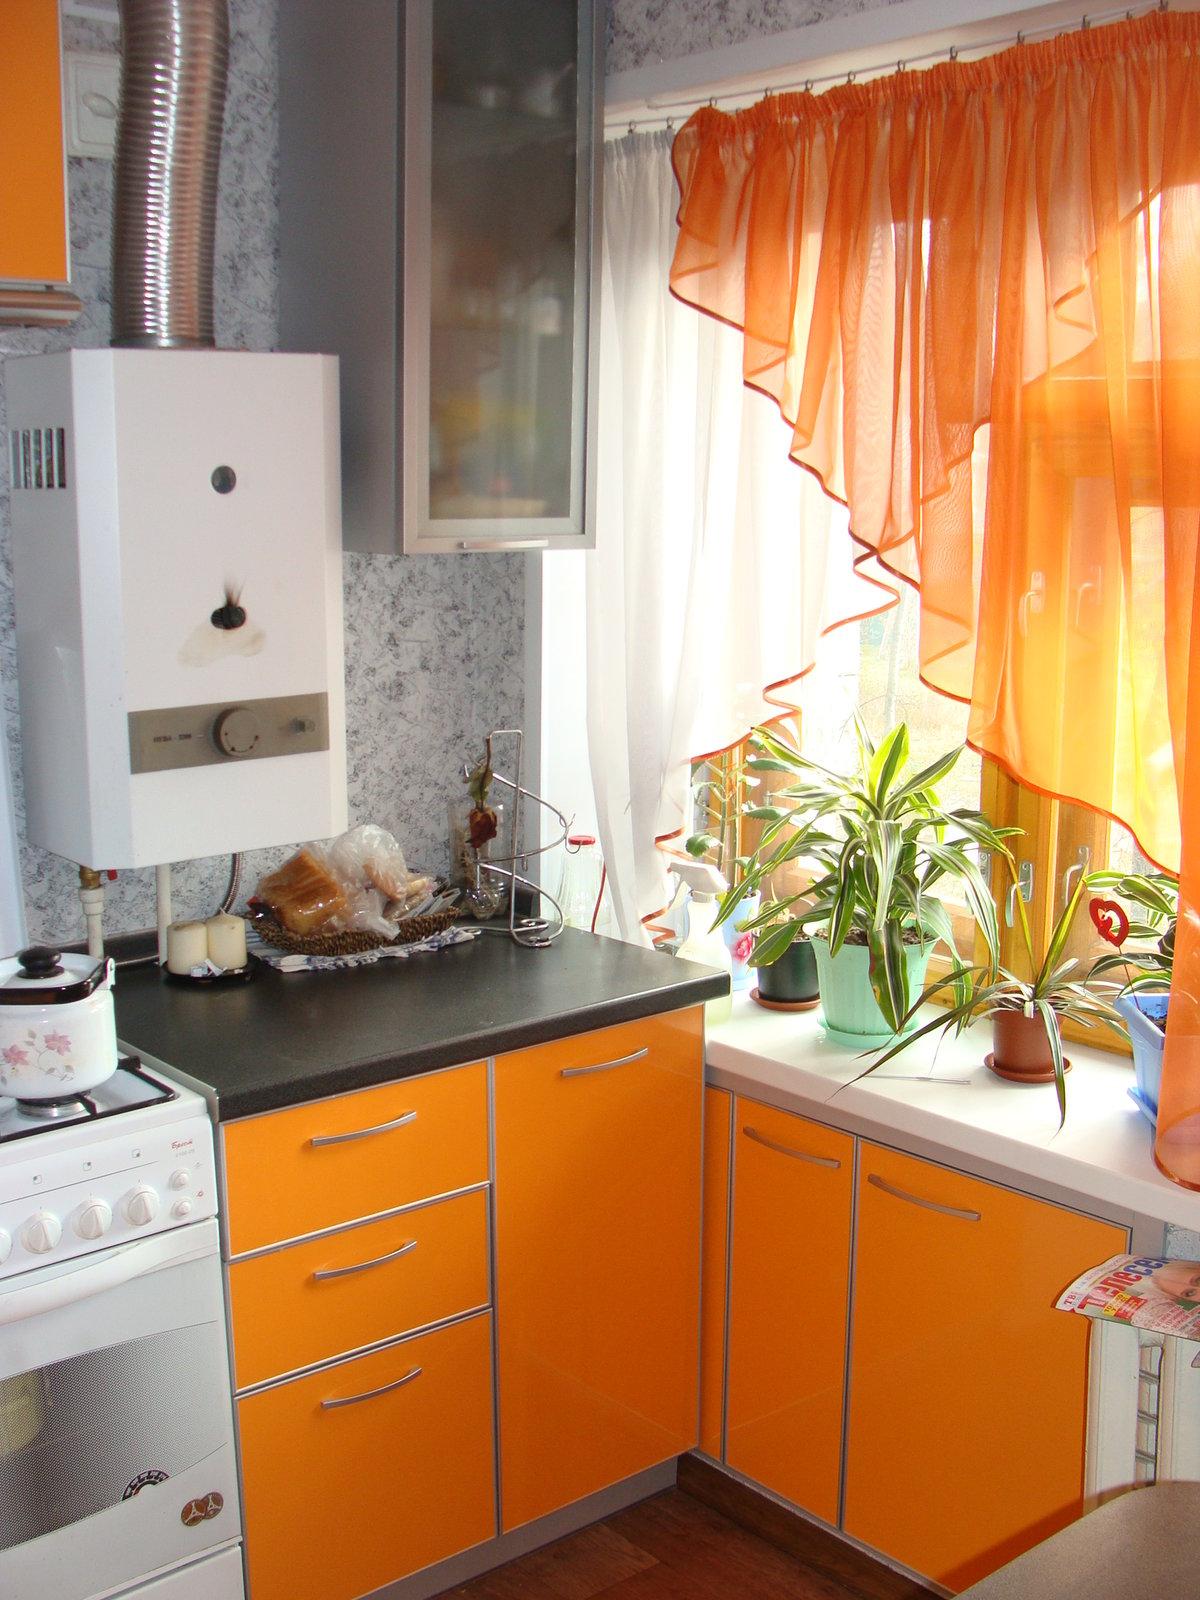 Ремонт маленькой кухни на примере 10 квартир (70 фото, видео) 62